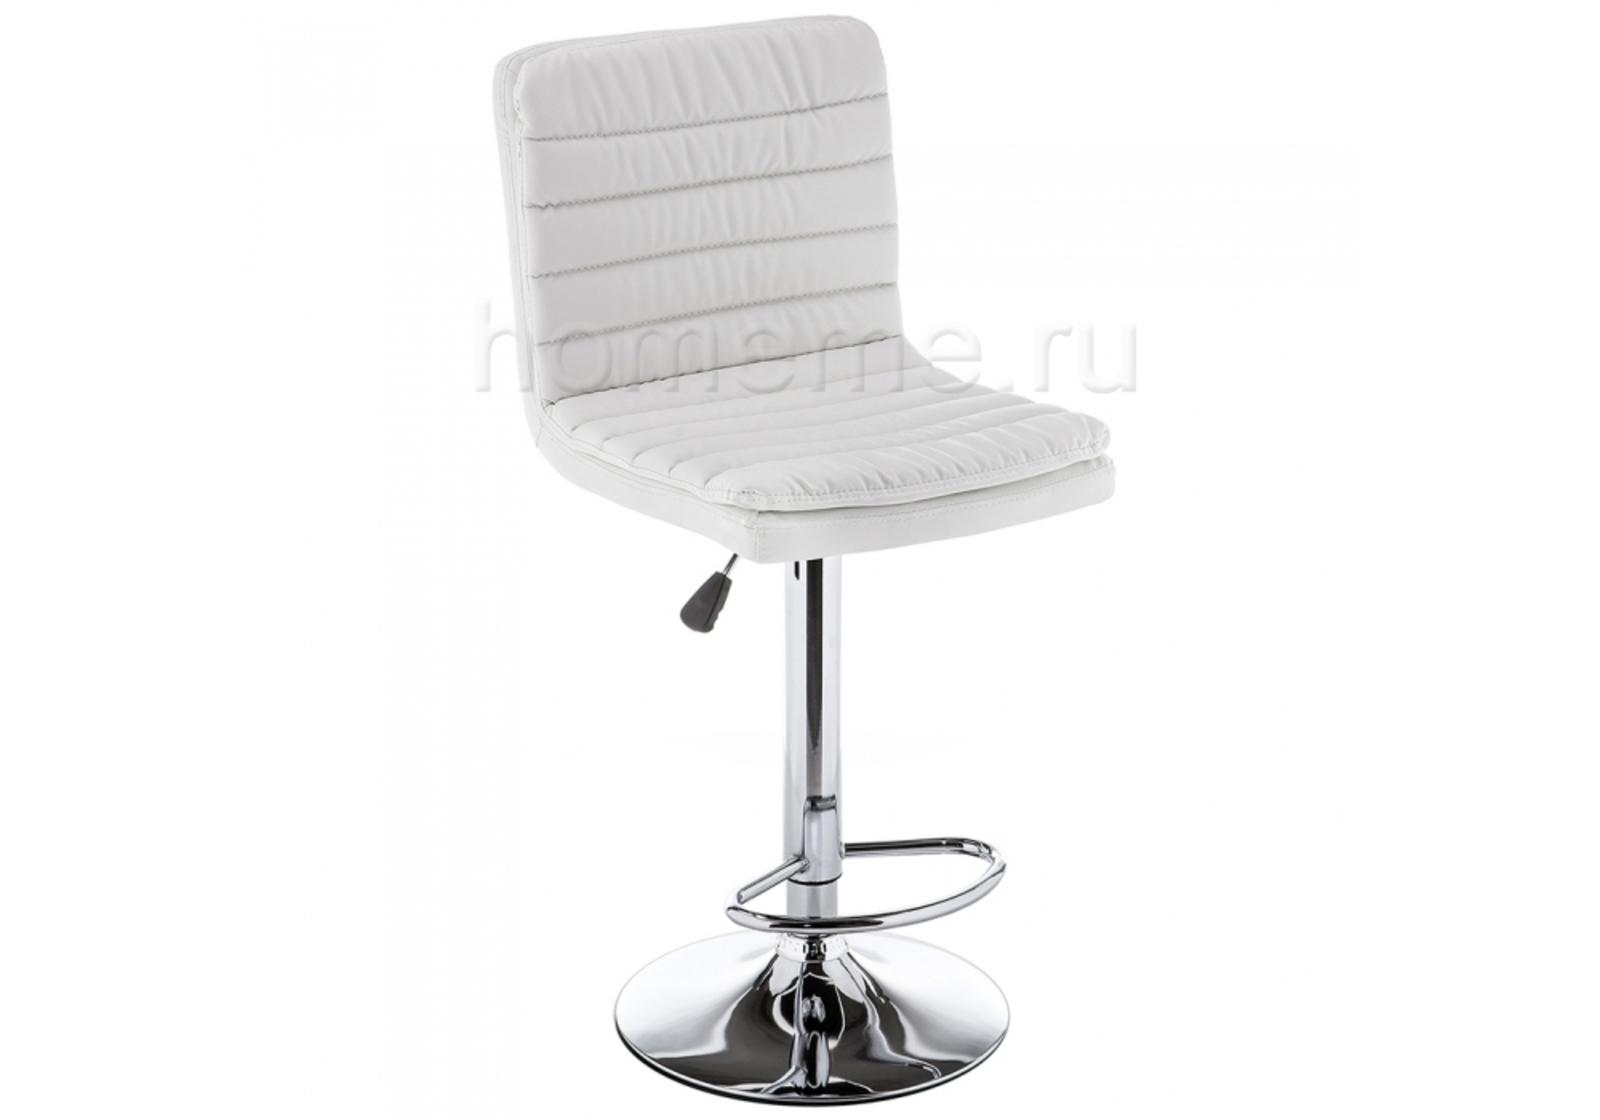 Барный стул Mins белый 11292 Mins белый 11292 (15686)